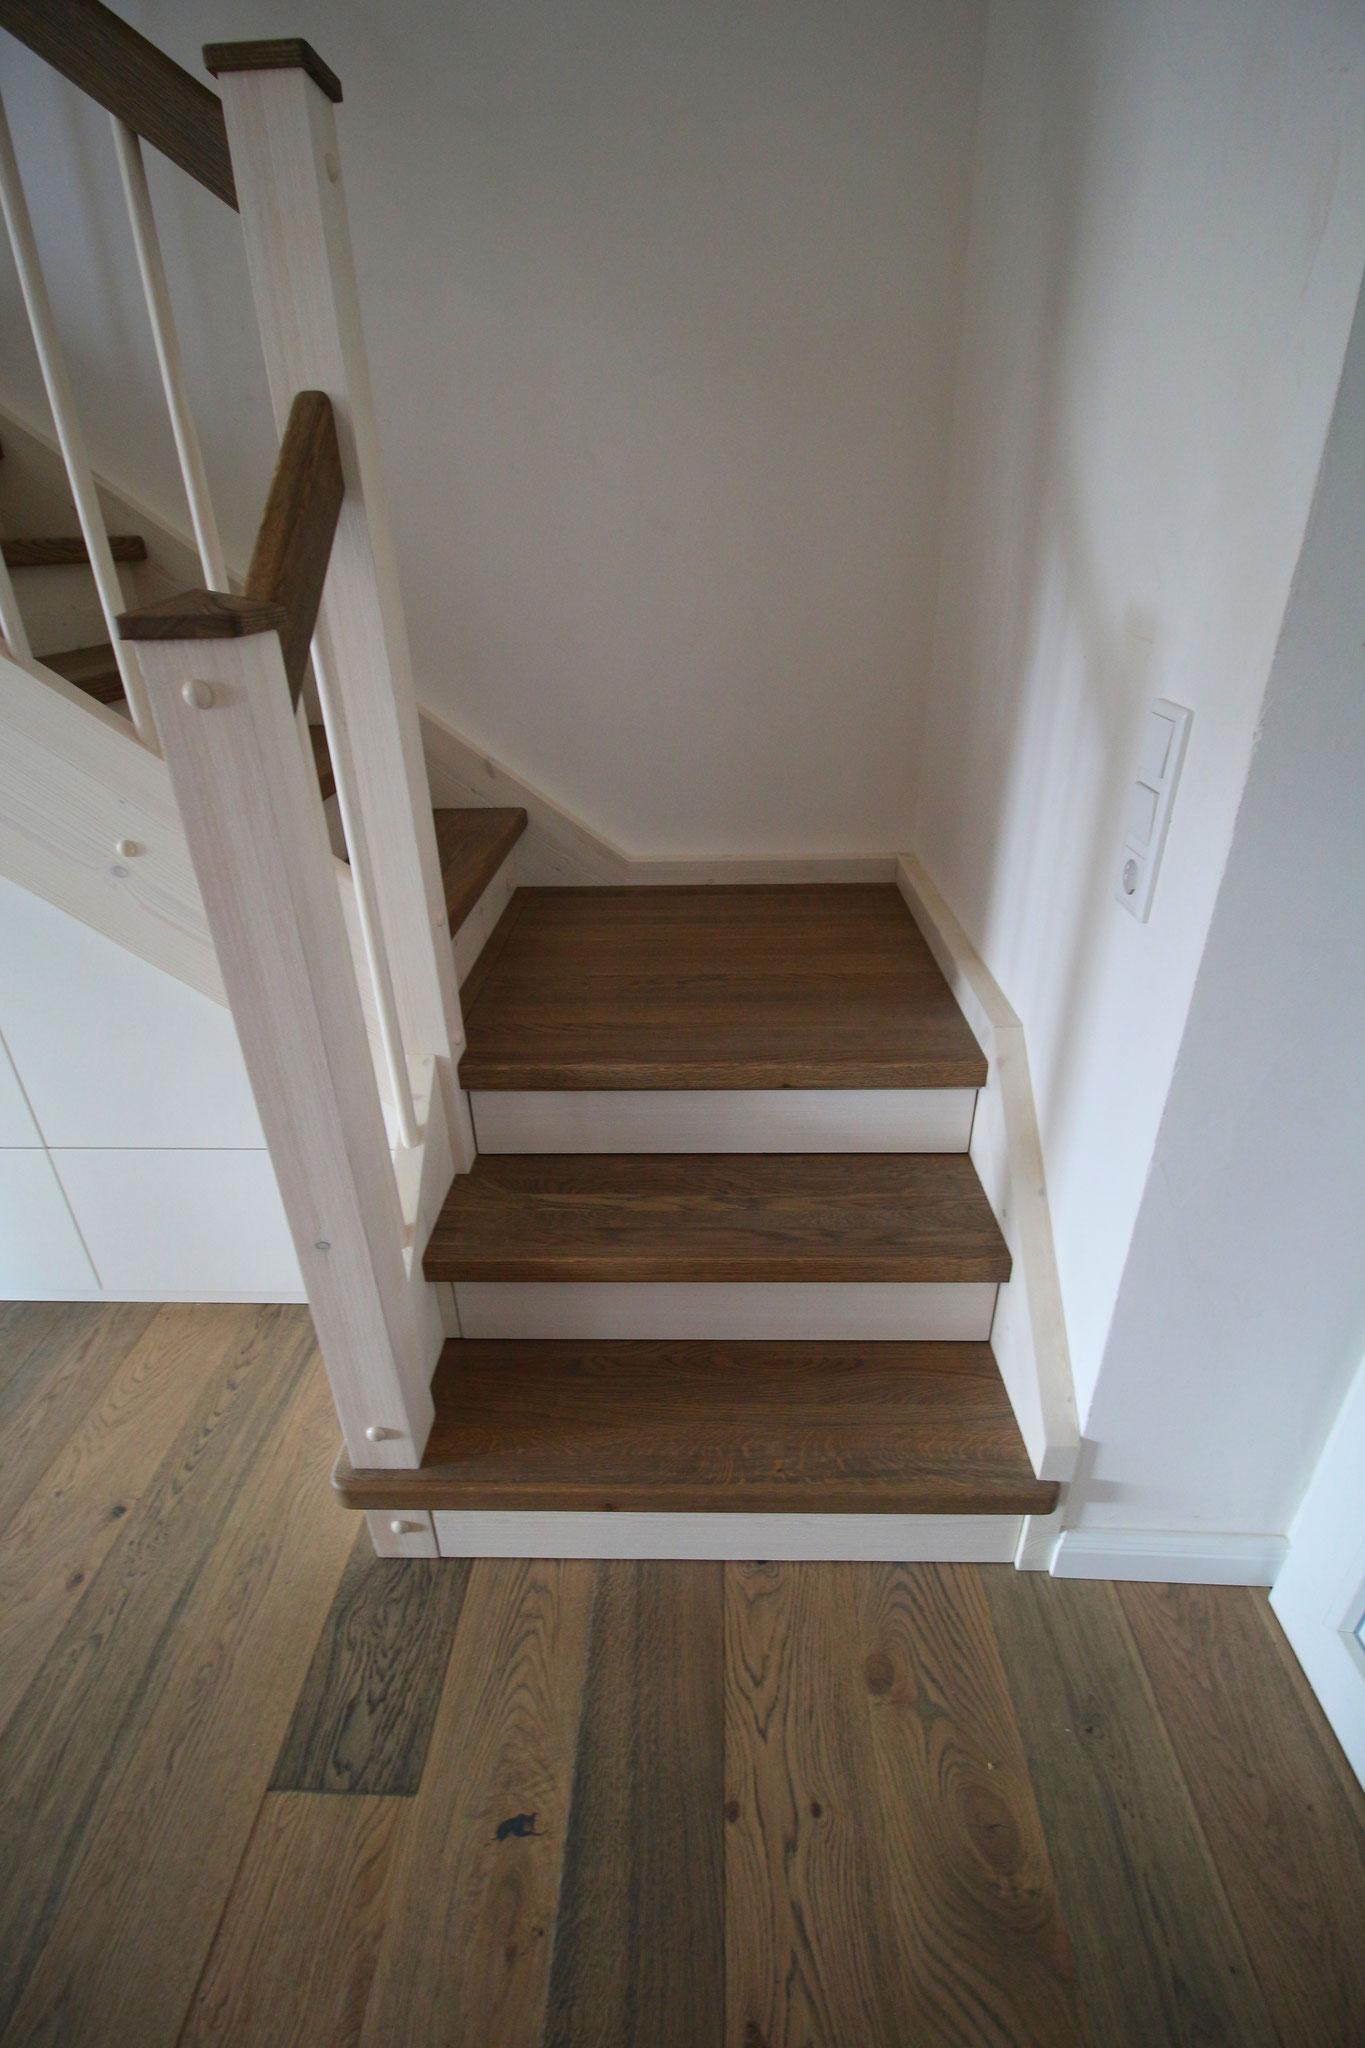 Vollauszüge unter den ersten drei Stufen